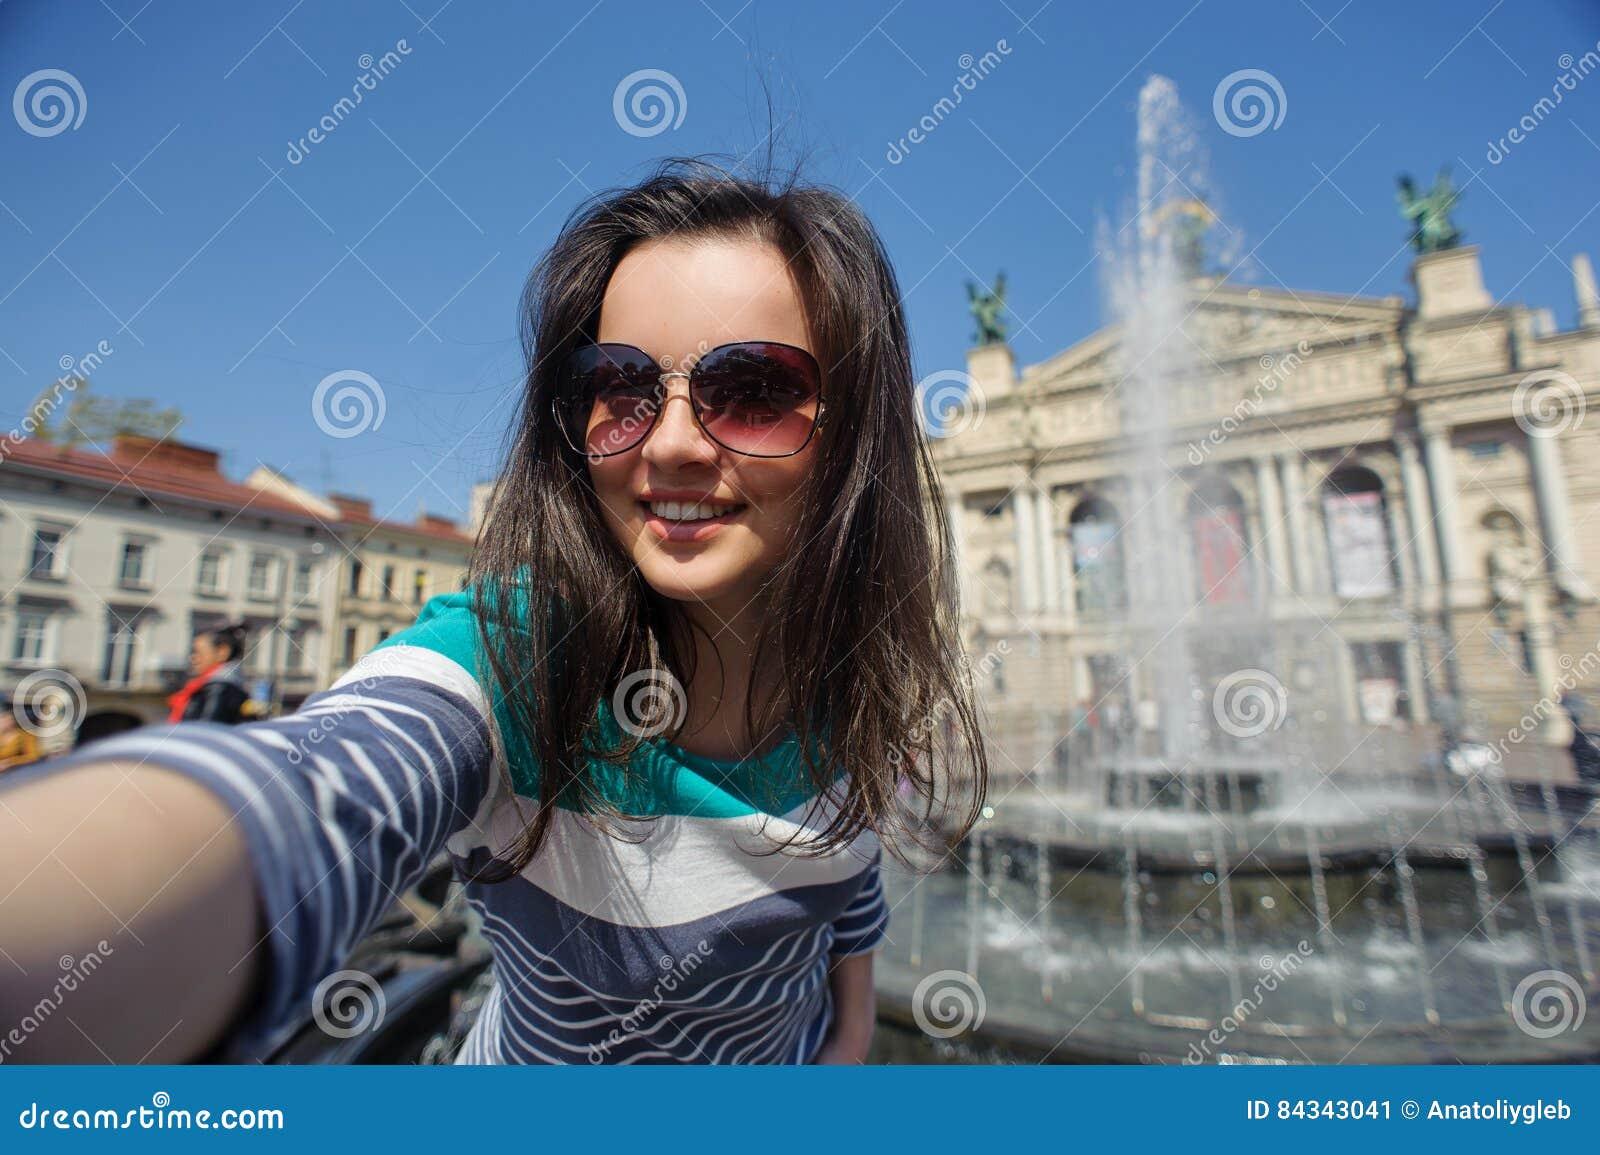 Autoritratto di una ragazza in vetri immagine stock - Colorazione immagine di una ragazza ...